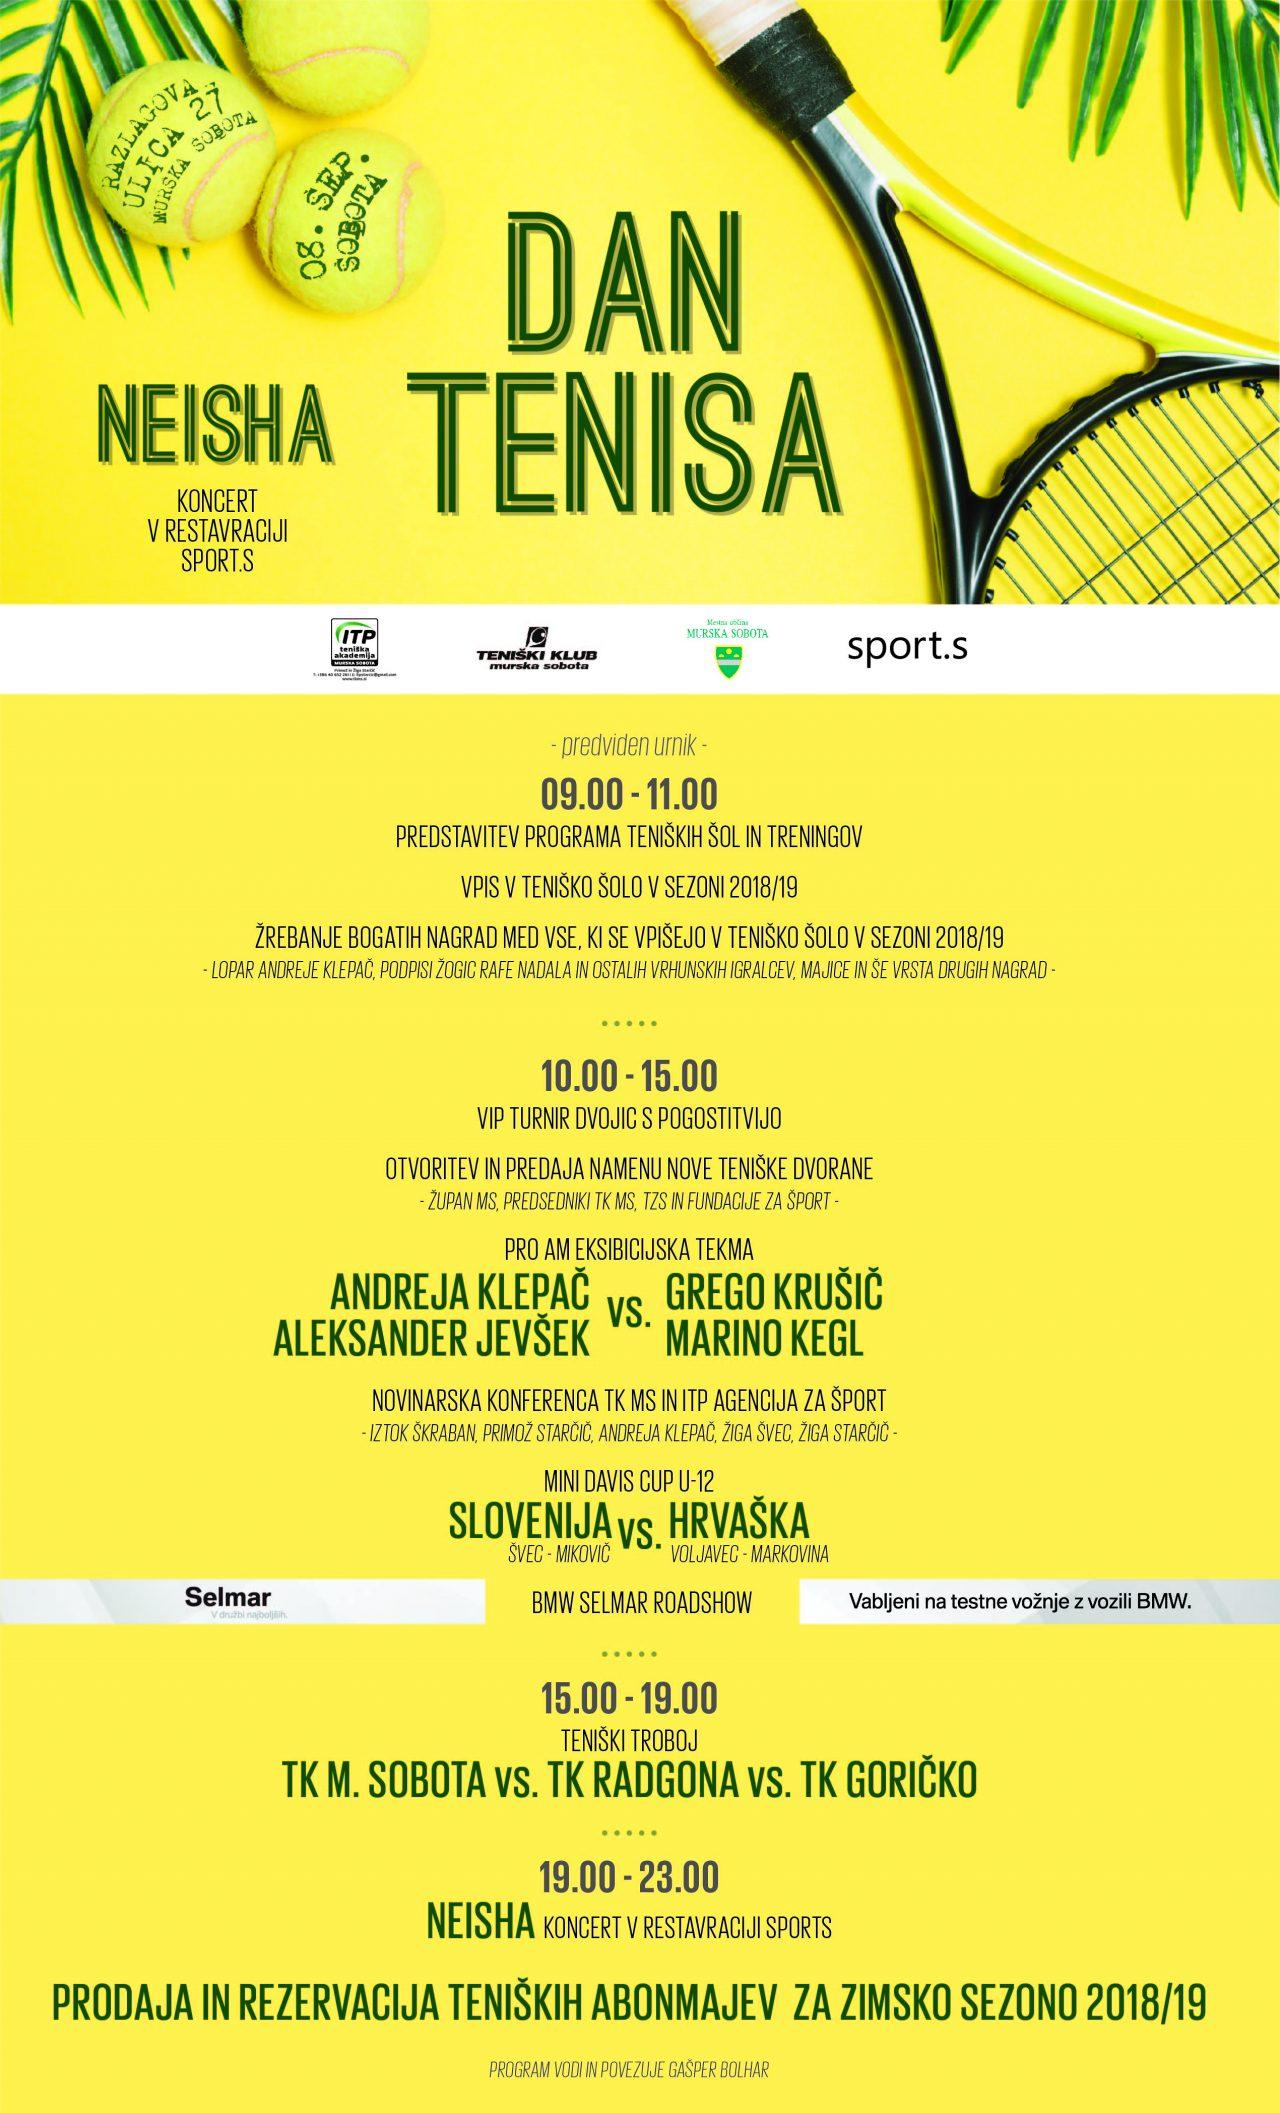 http://www.tkms.si/wp-content/uploads/2018/08/dan_tenisa-1280x2113.jpg